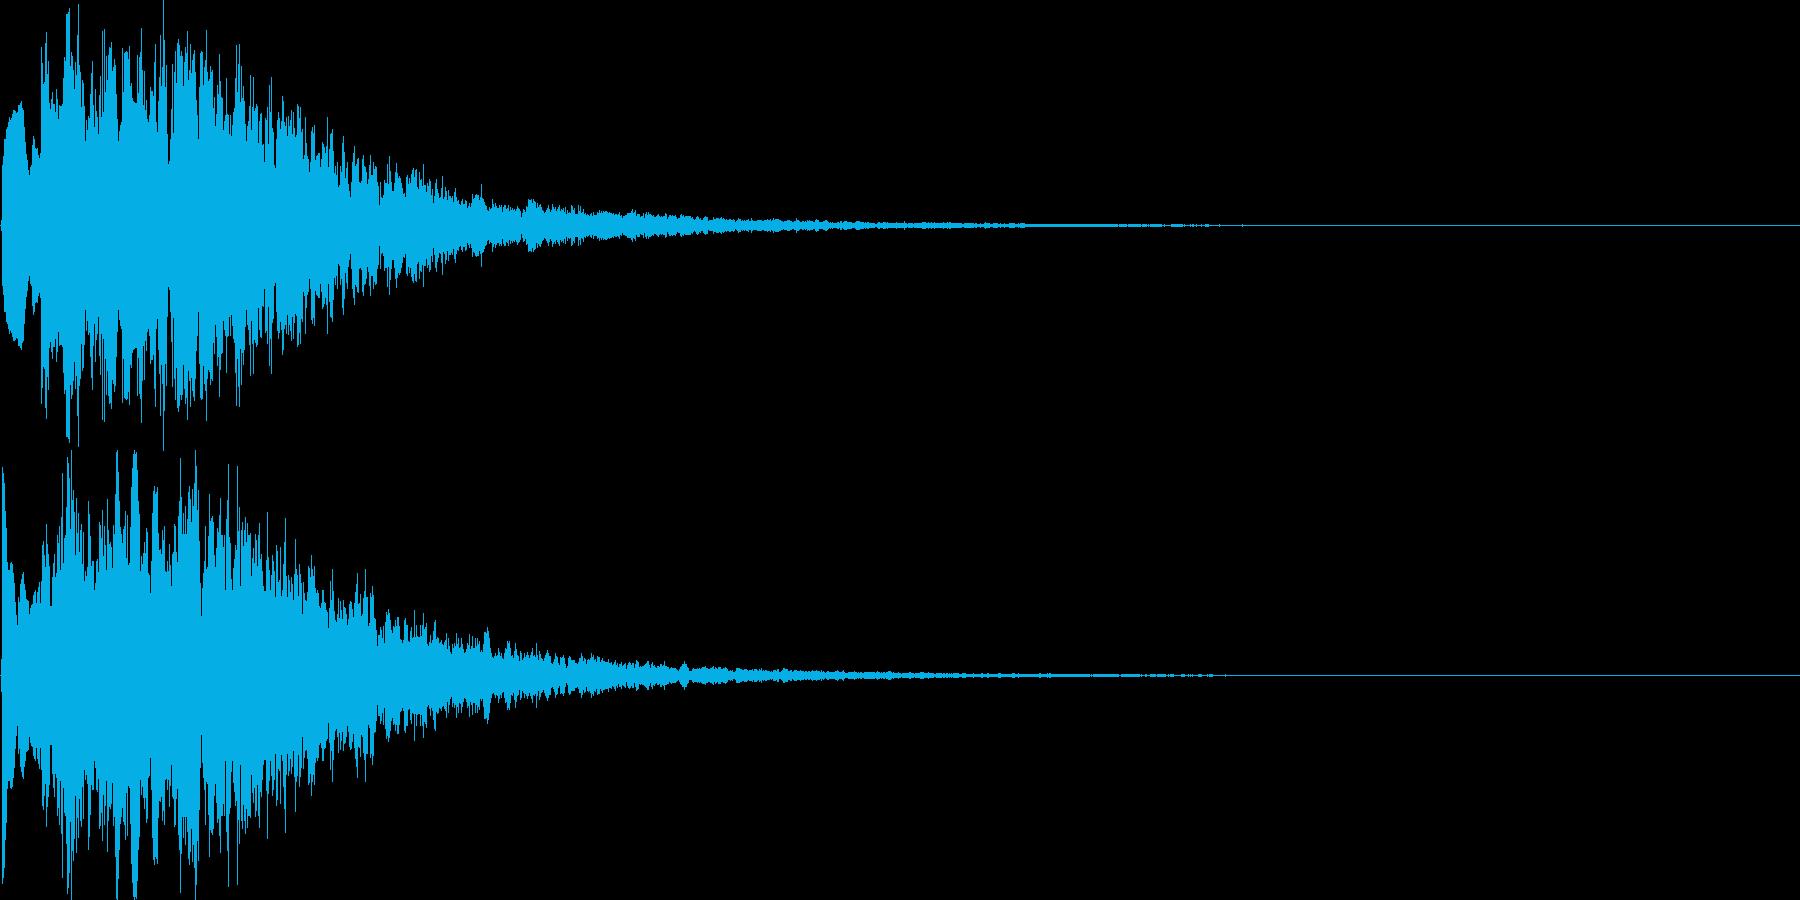 キラキラ(決定音、ゲーム、アプリに)の再生済みの波形